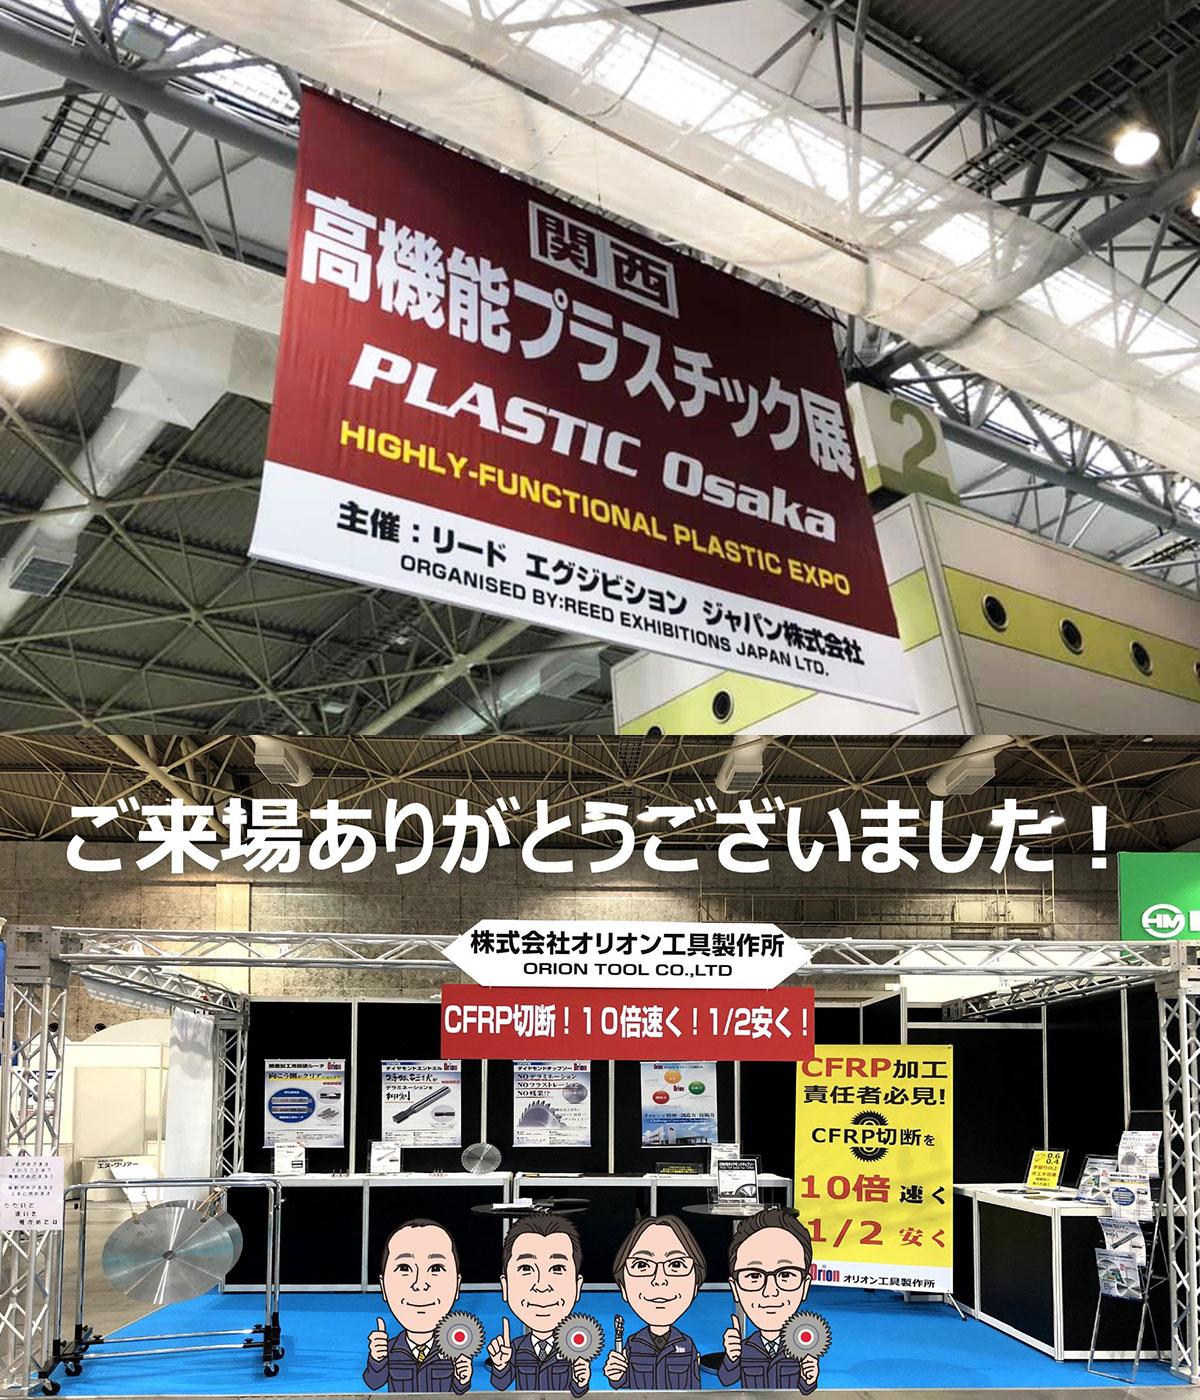 似顔絵名刺(株式会社オリオン工具製作所・静岡県浜松市)